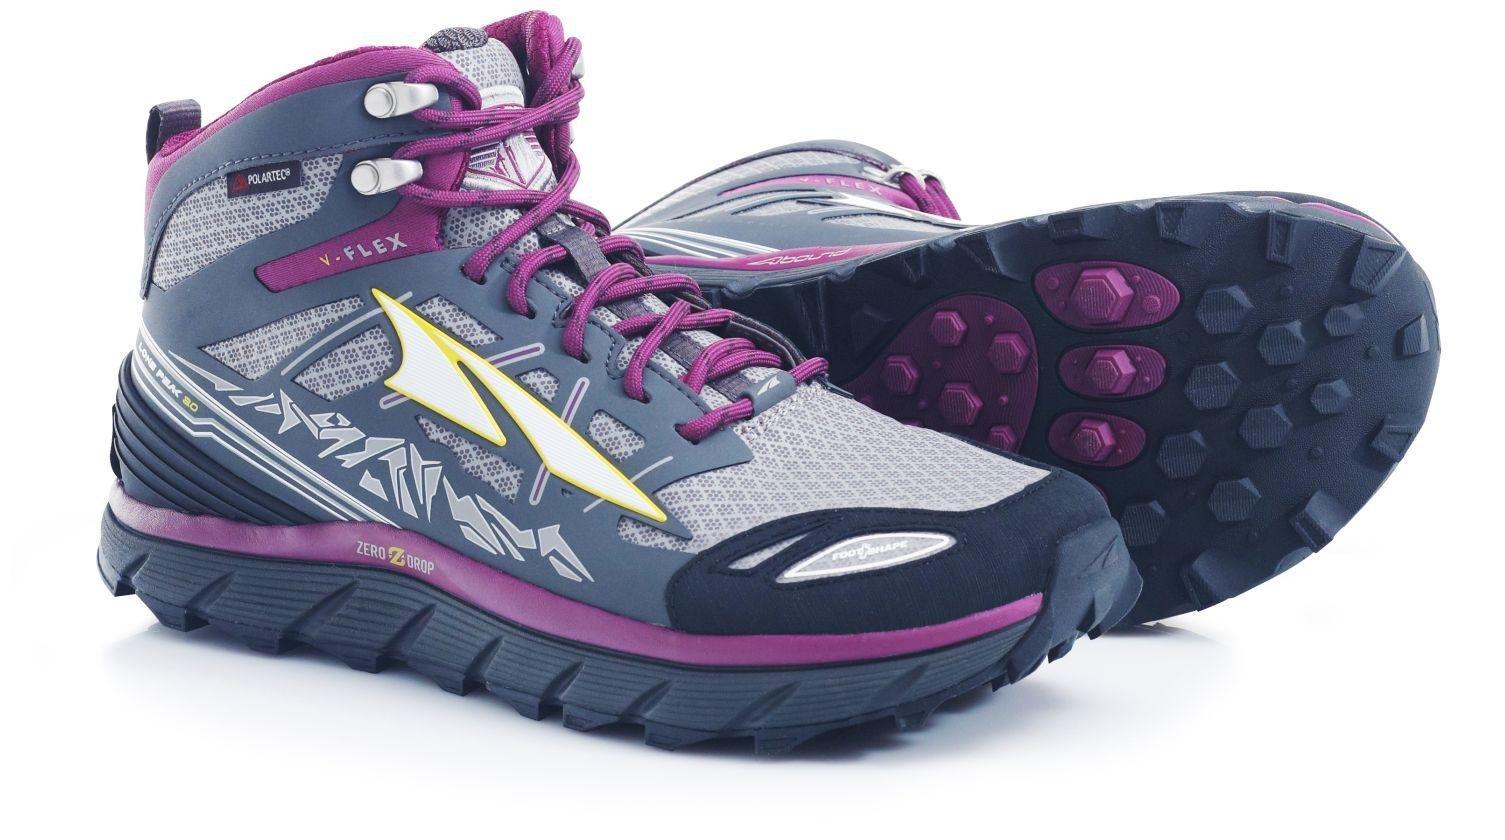 Altra Lone Peak 3.0 Mid Neo Shoe - Women's Gray/Purple 8.5